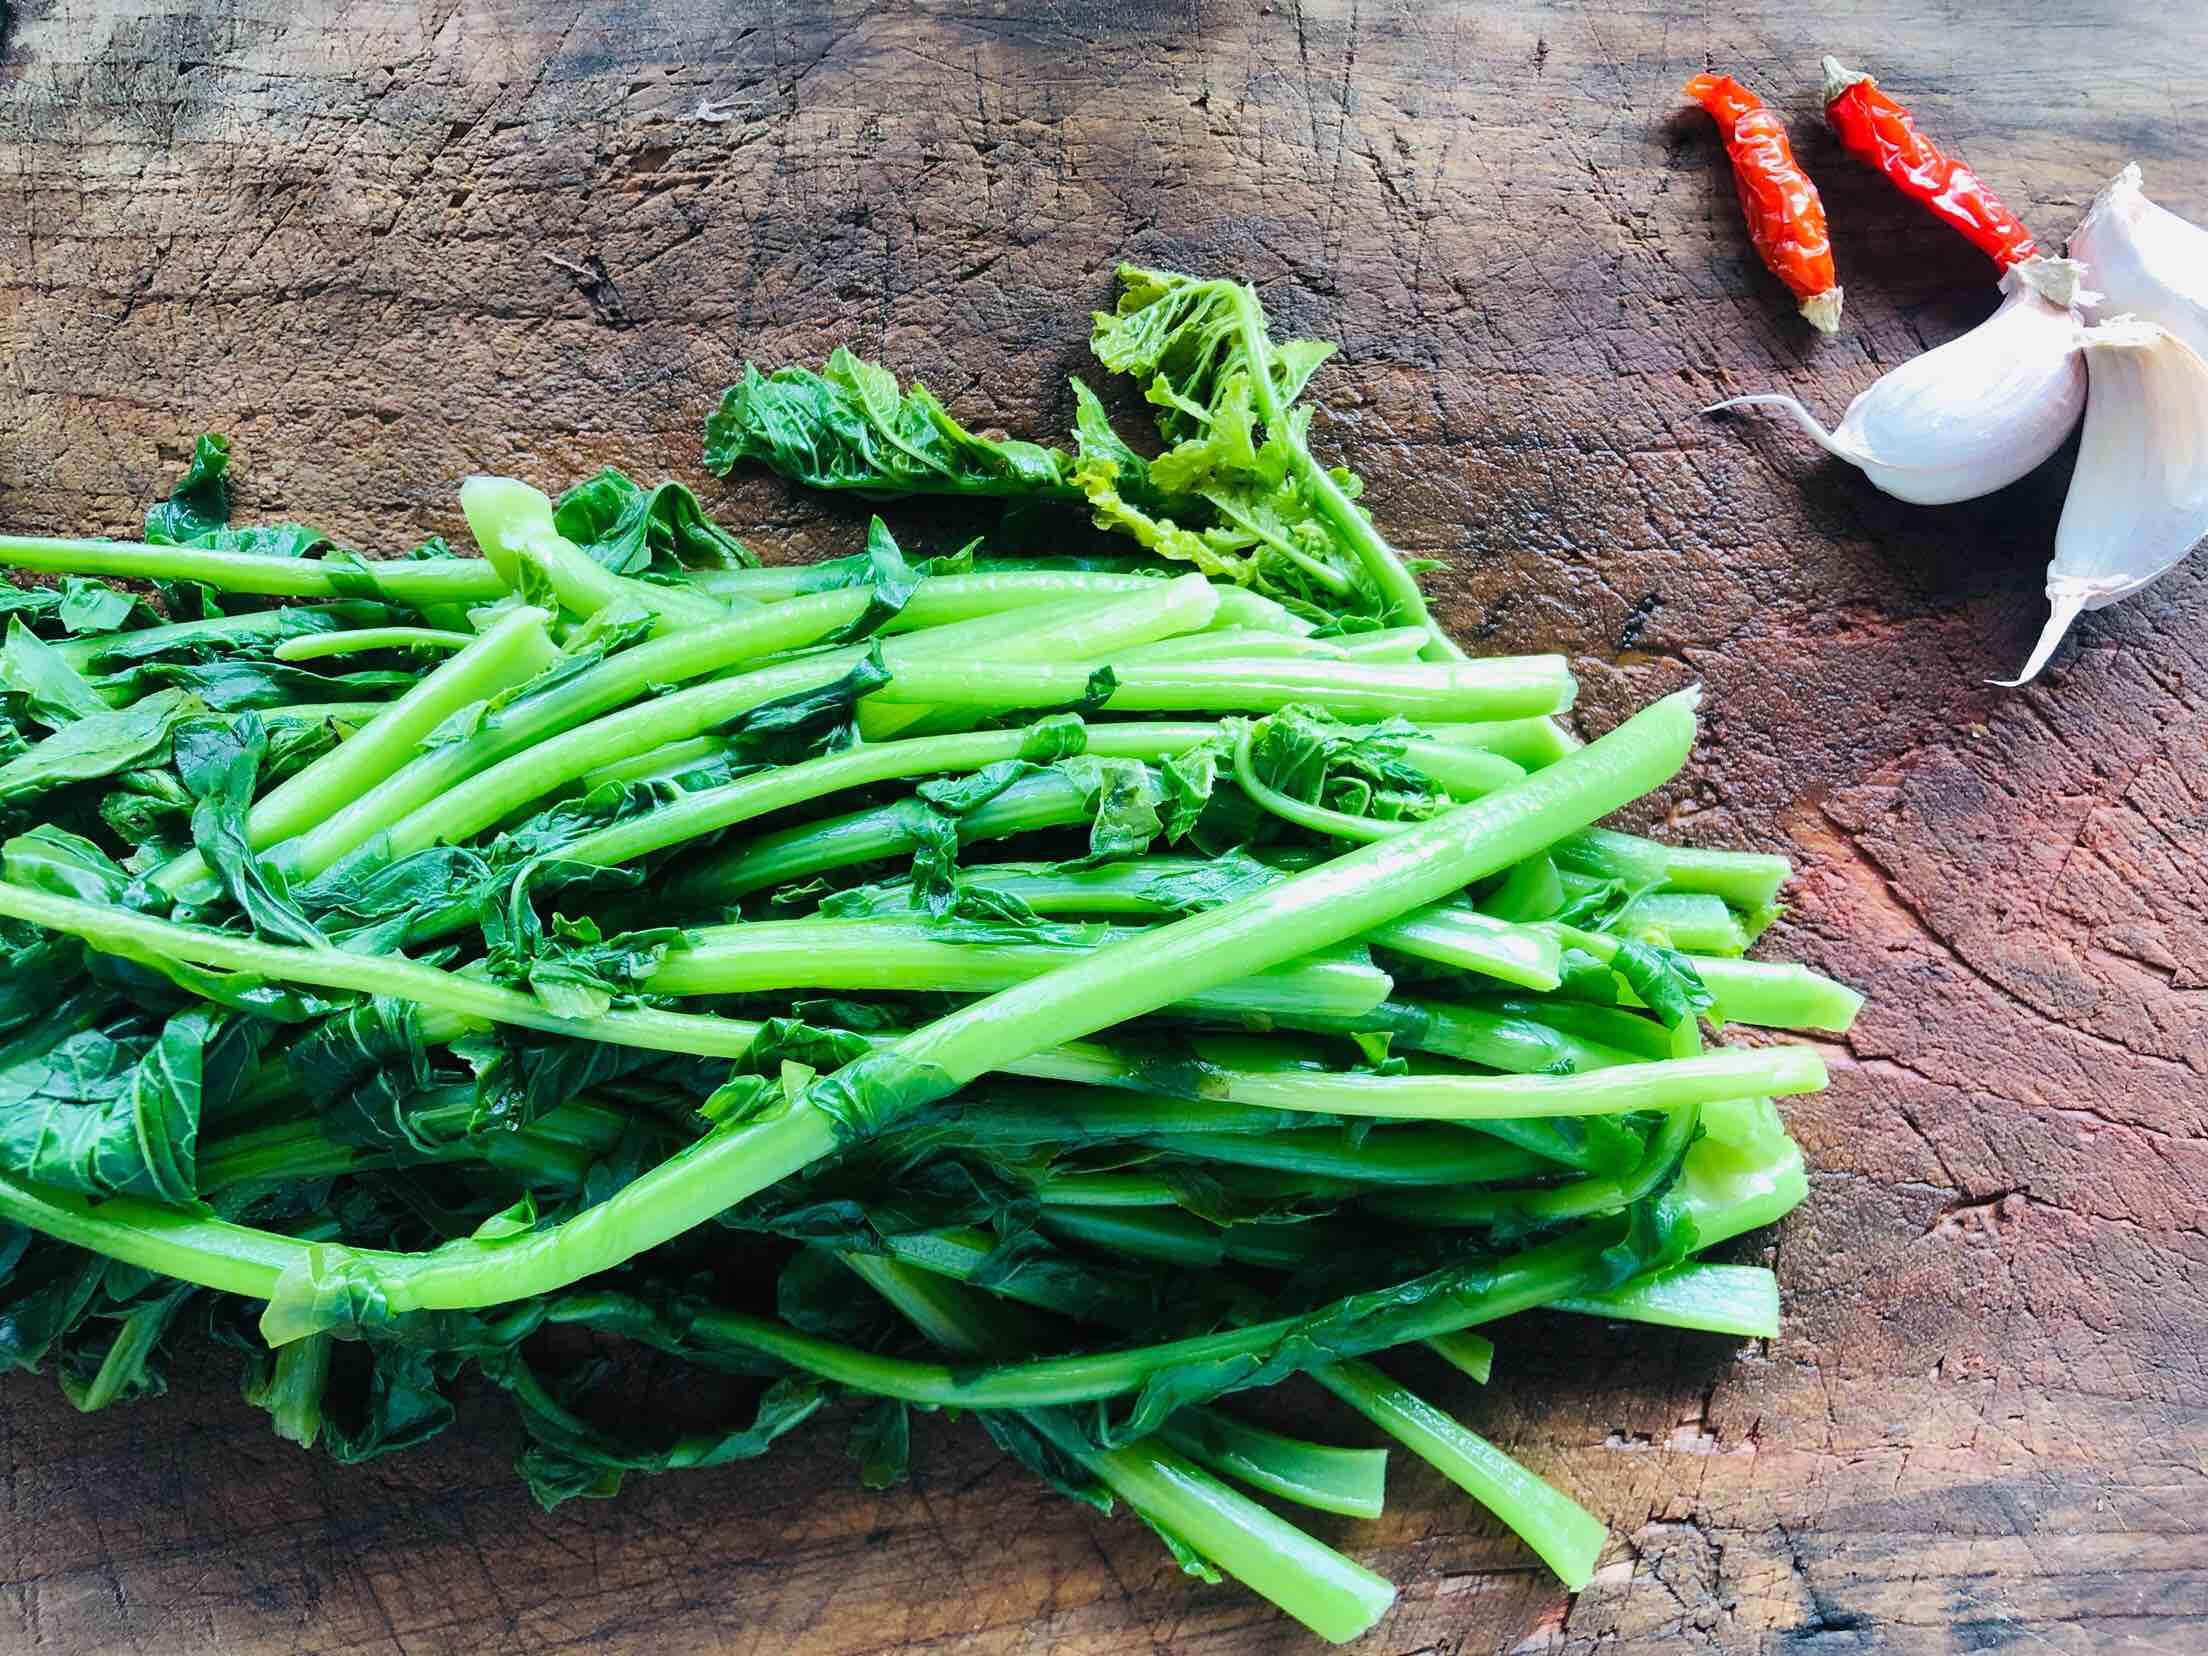 乡食之凉拌萝卜叶怎么做